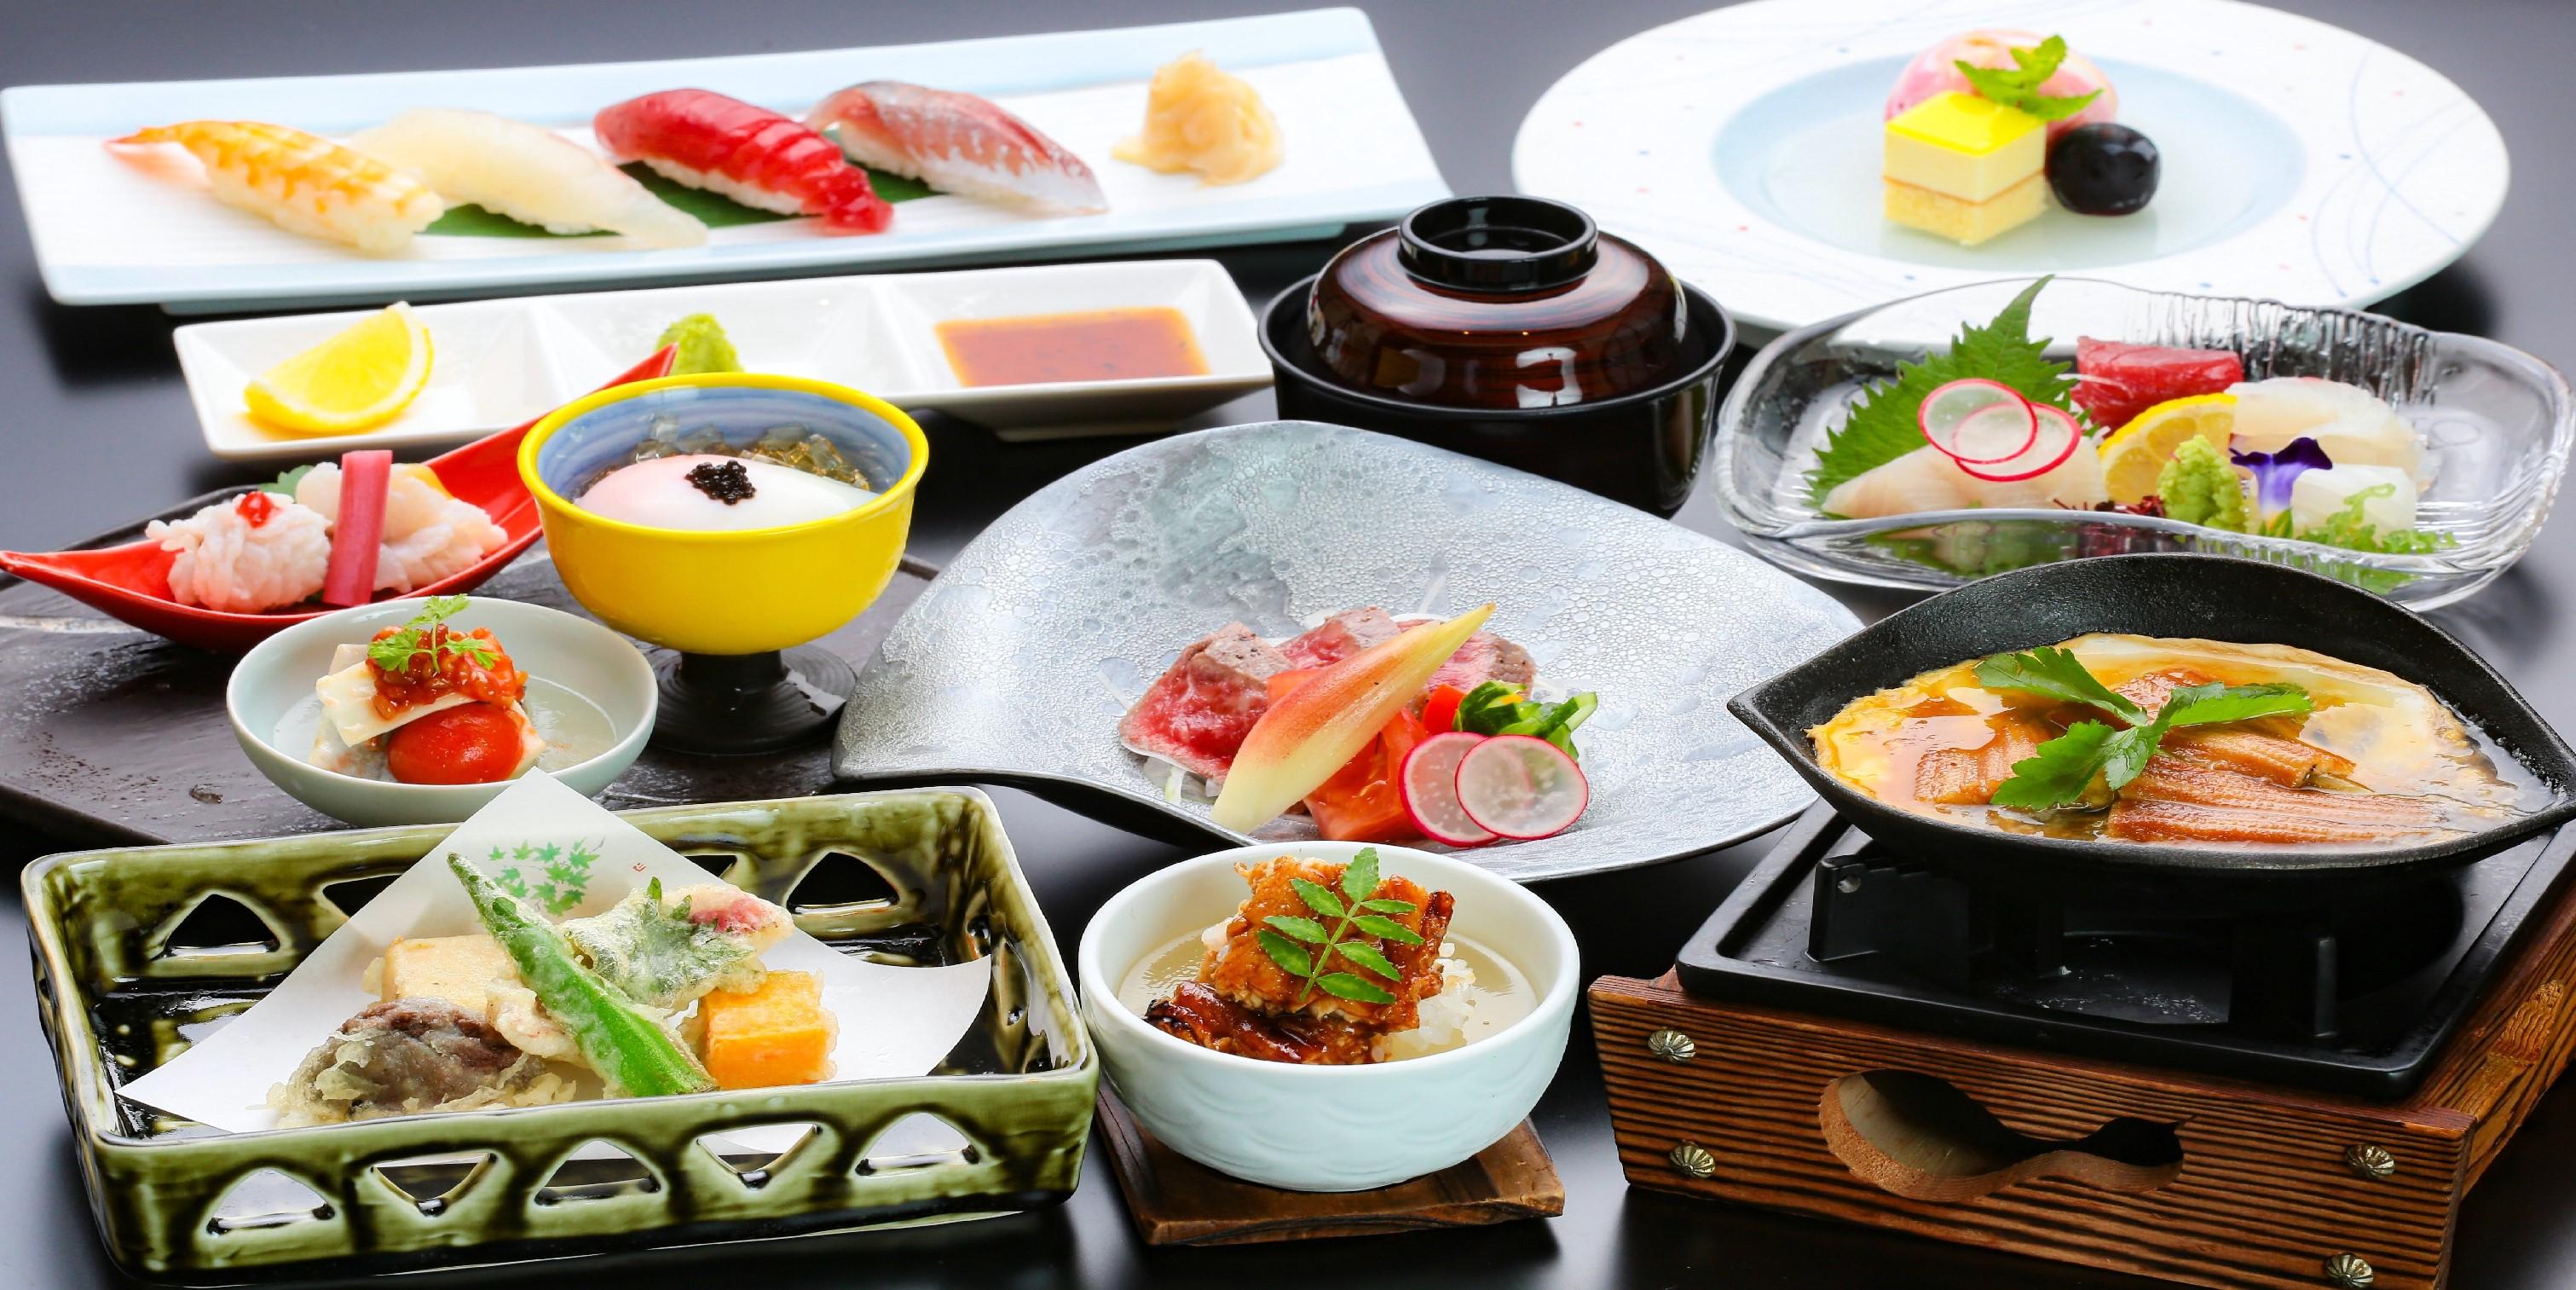 お手軽な日本料理 ※全コースの中から3コースまでお申込みできます。 イメージ